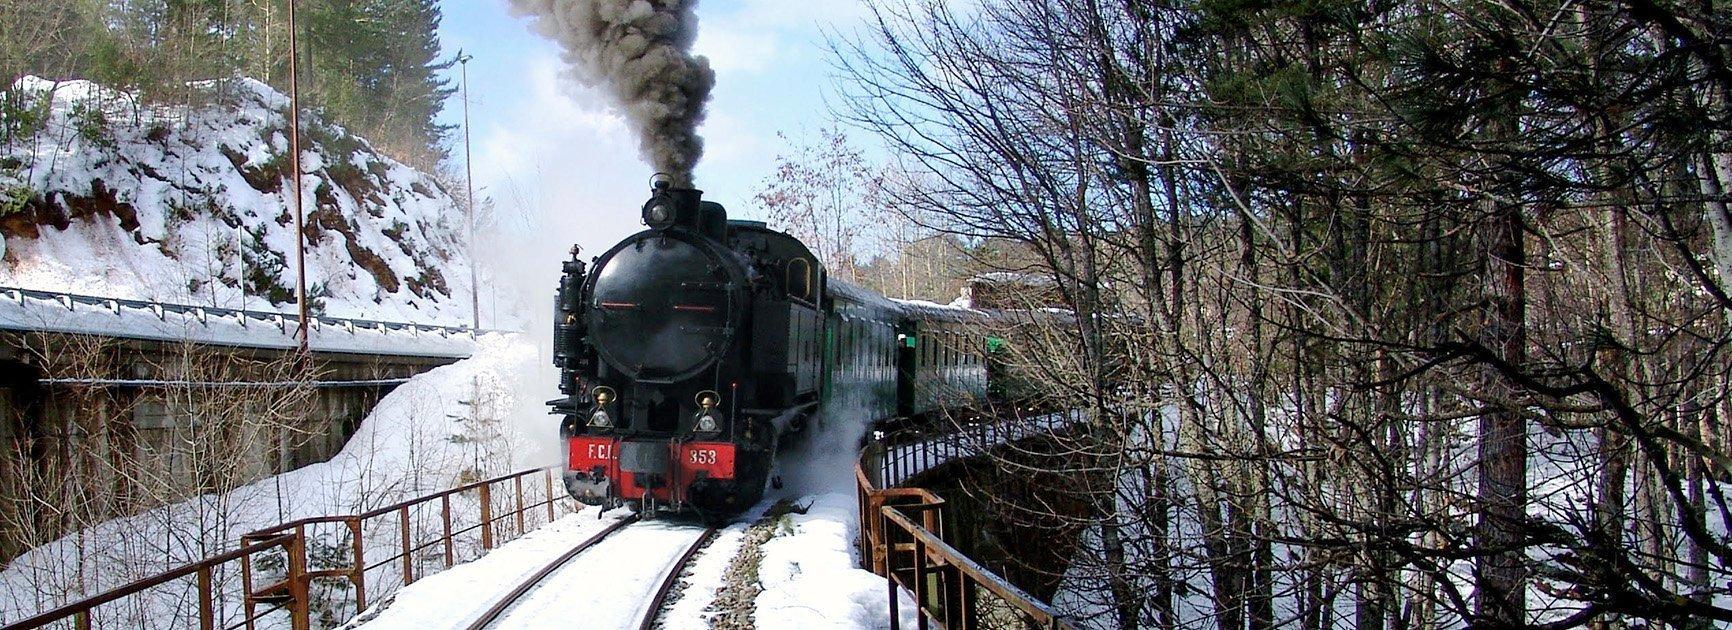 treno della sila tratto da httpswww.trenodellasila.it